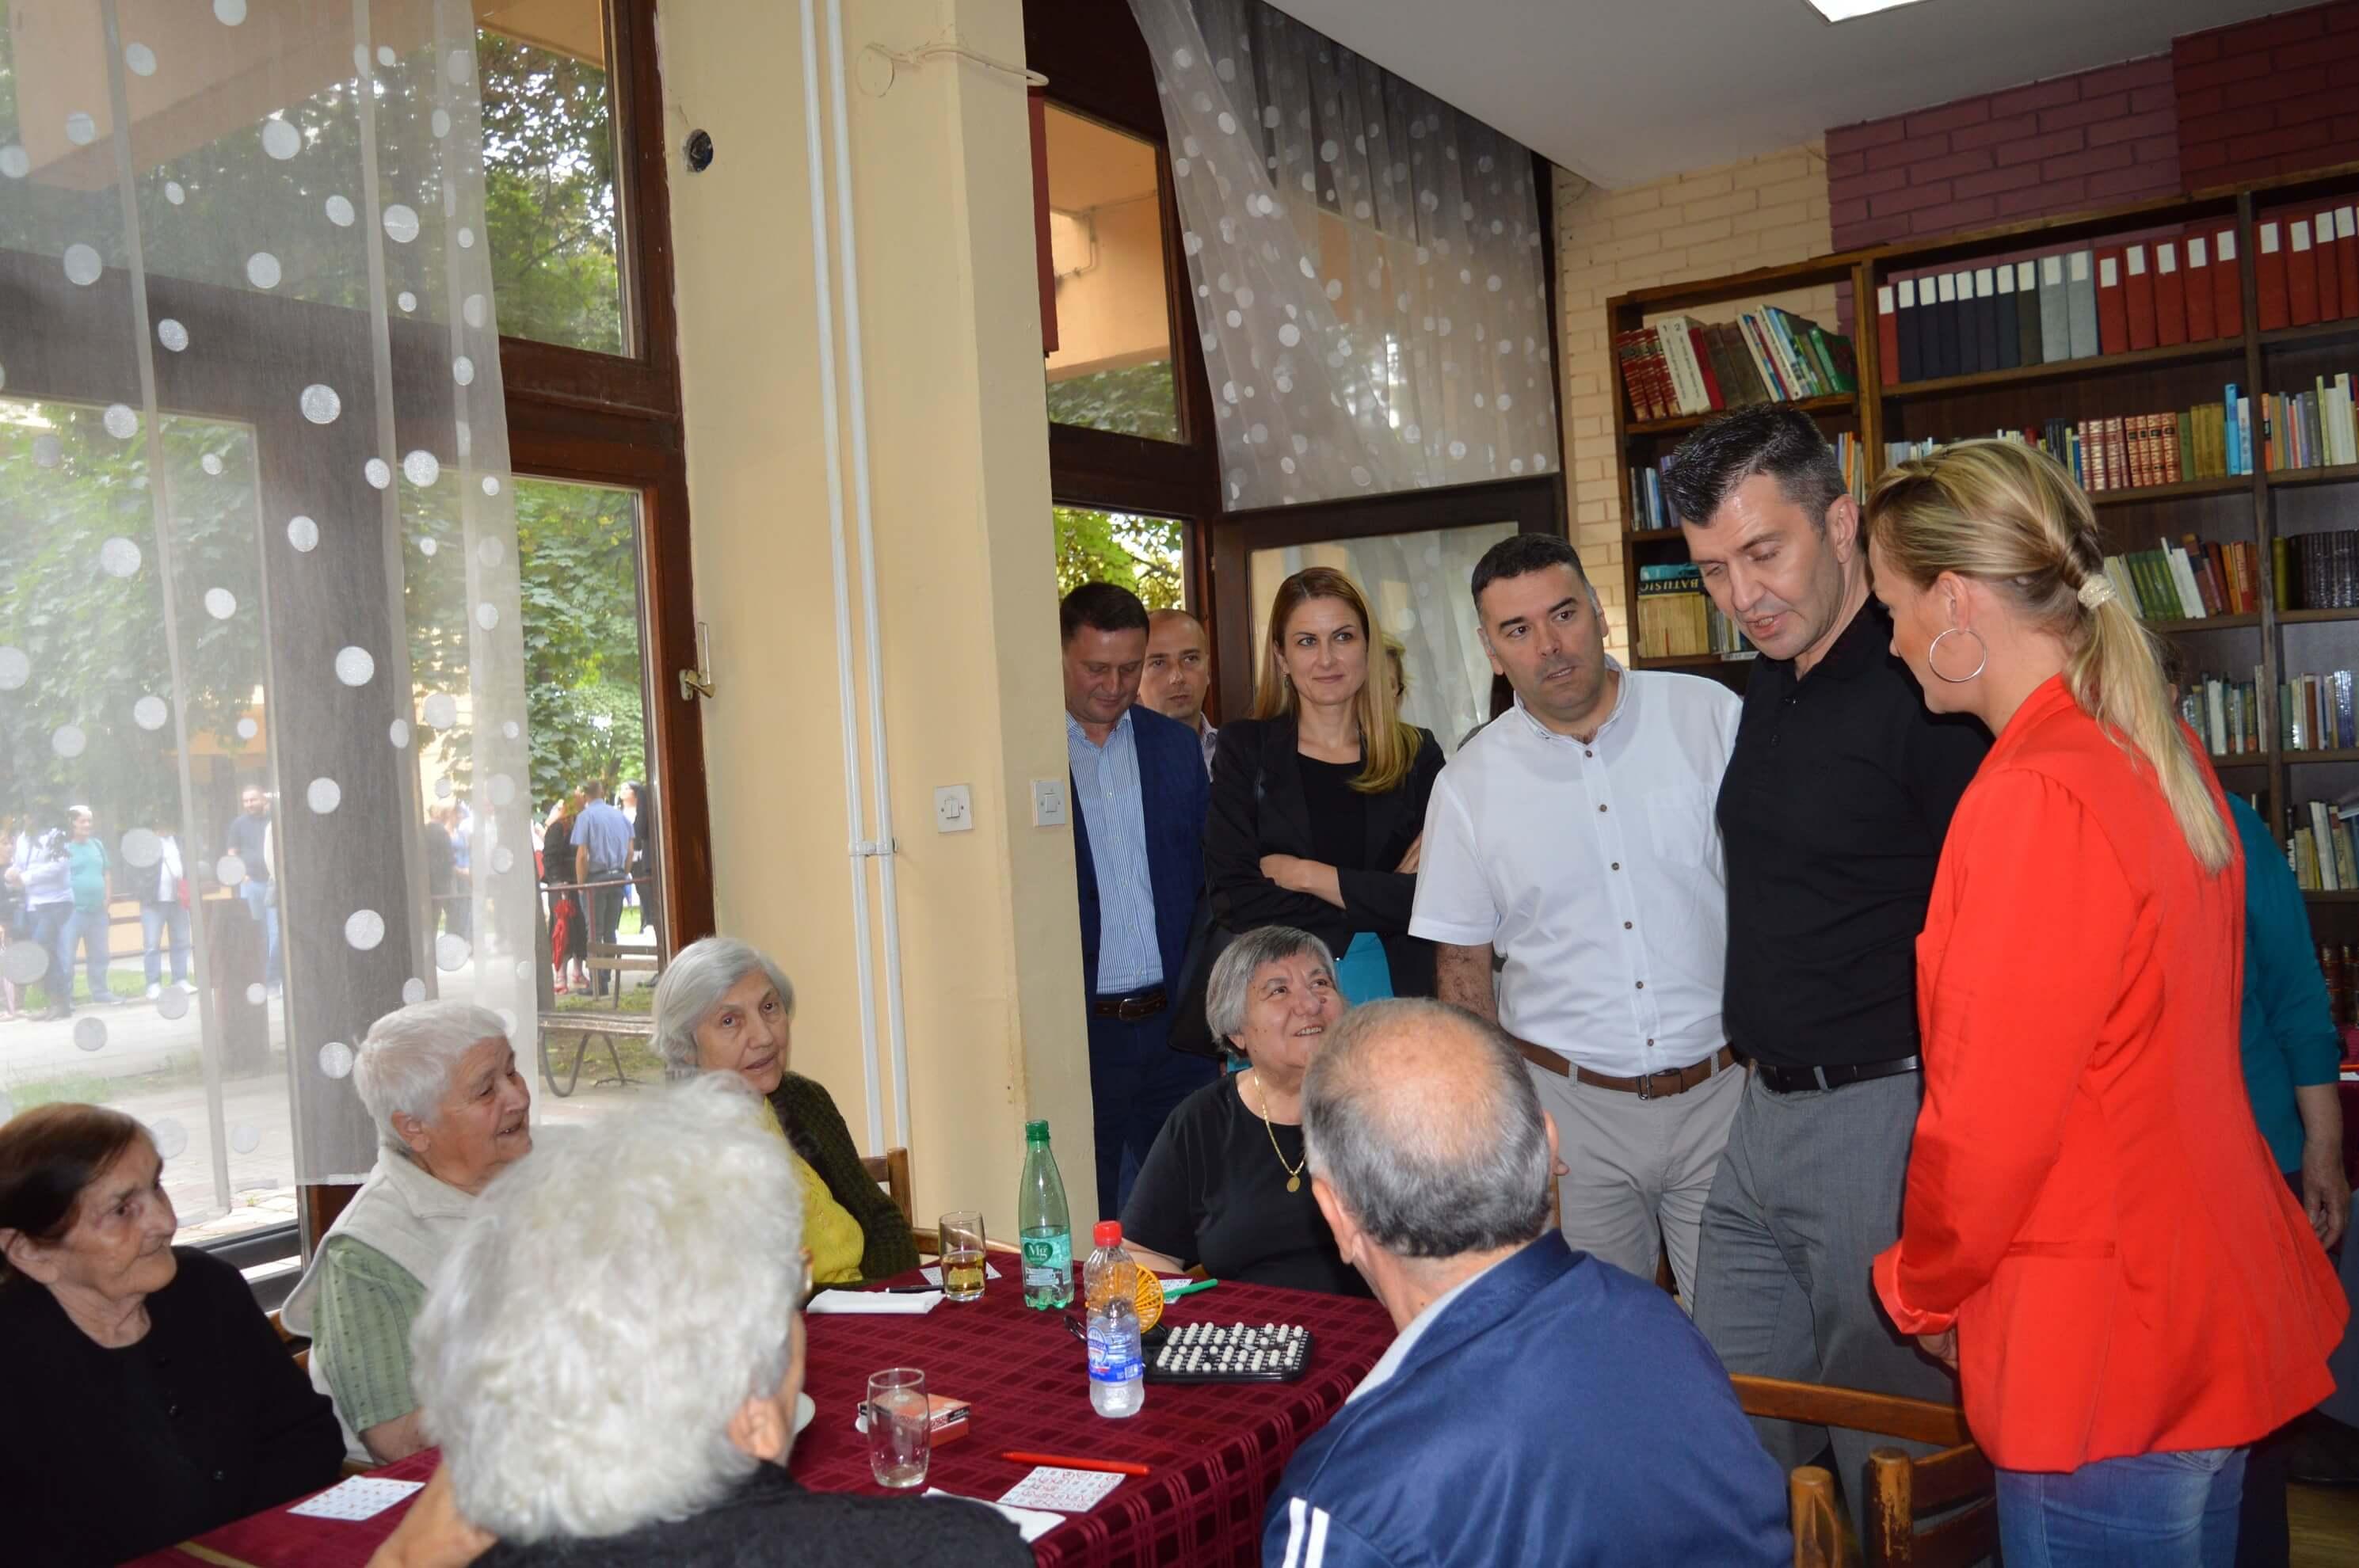 Министар Зоран Ђорђевић и градоначелница Сомбора Душанка Голубовић посетили су Клуб пензионера Селенча